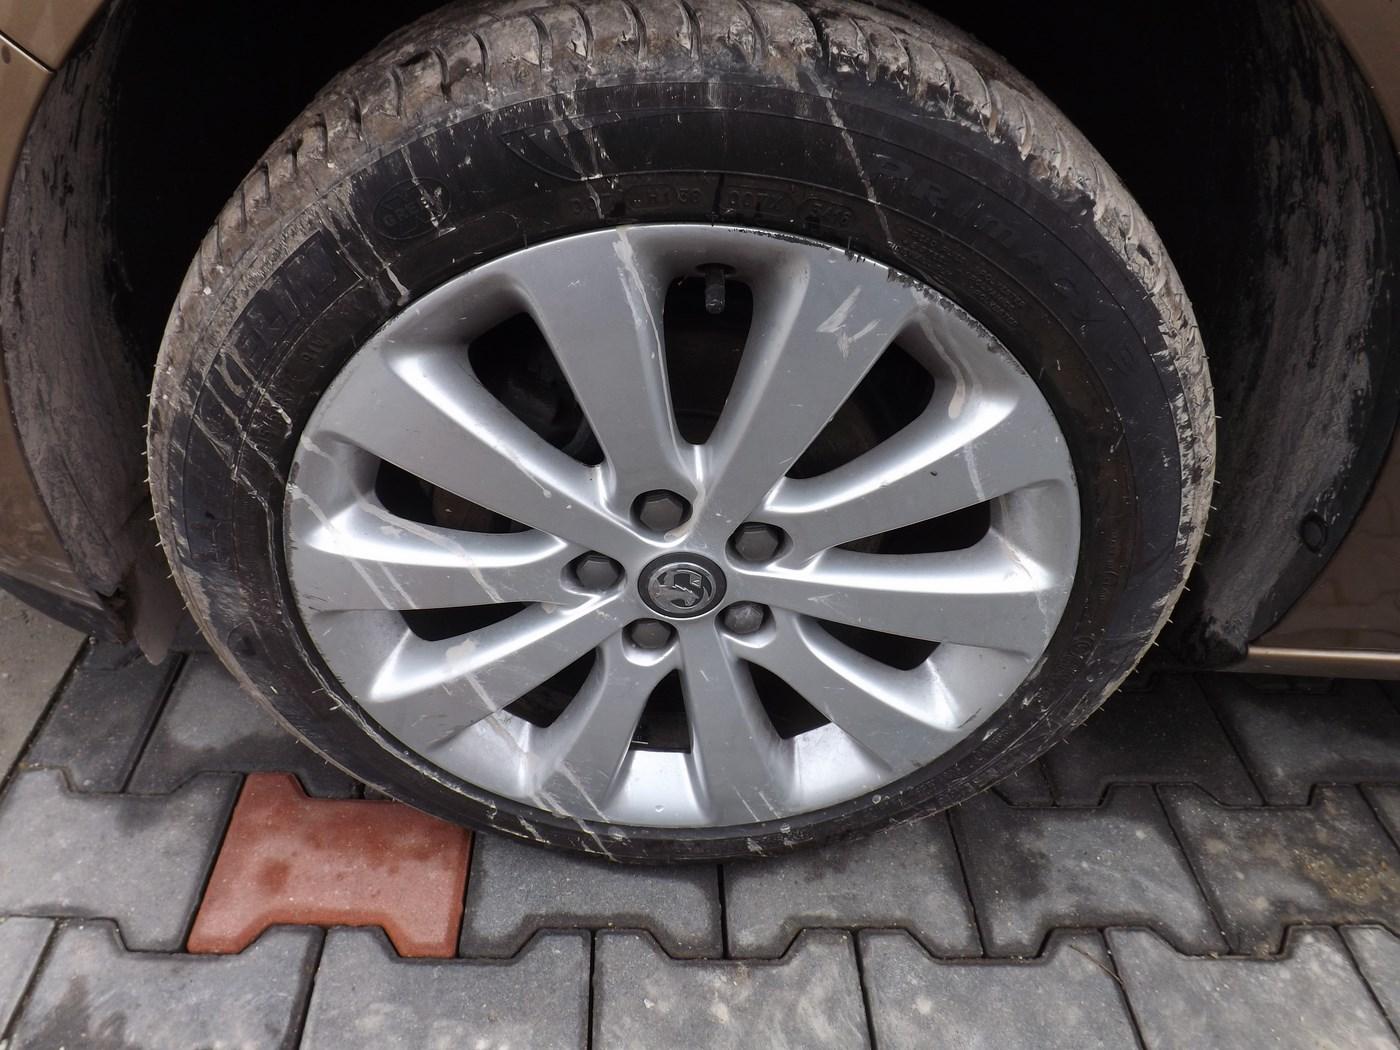 Opel Astra J Iv 4 Felgi Aluminiowe 17 Cali Komplet 7067777013